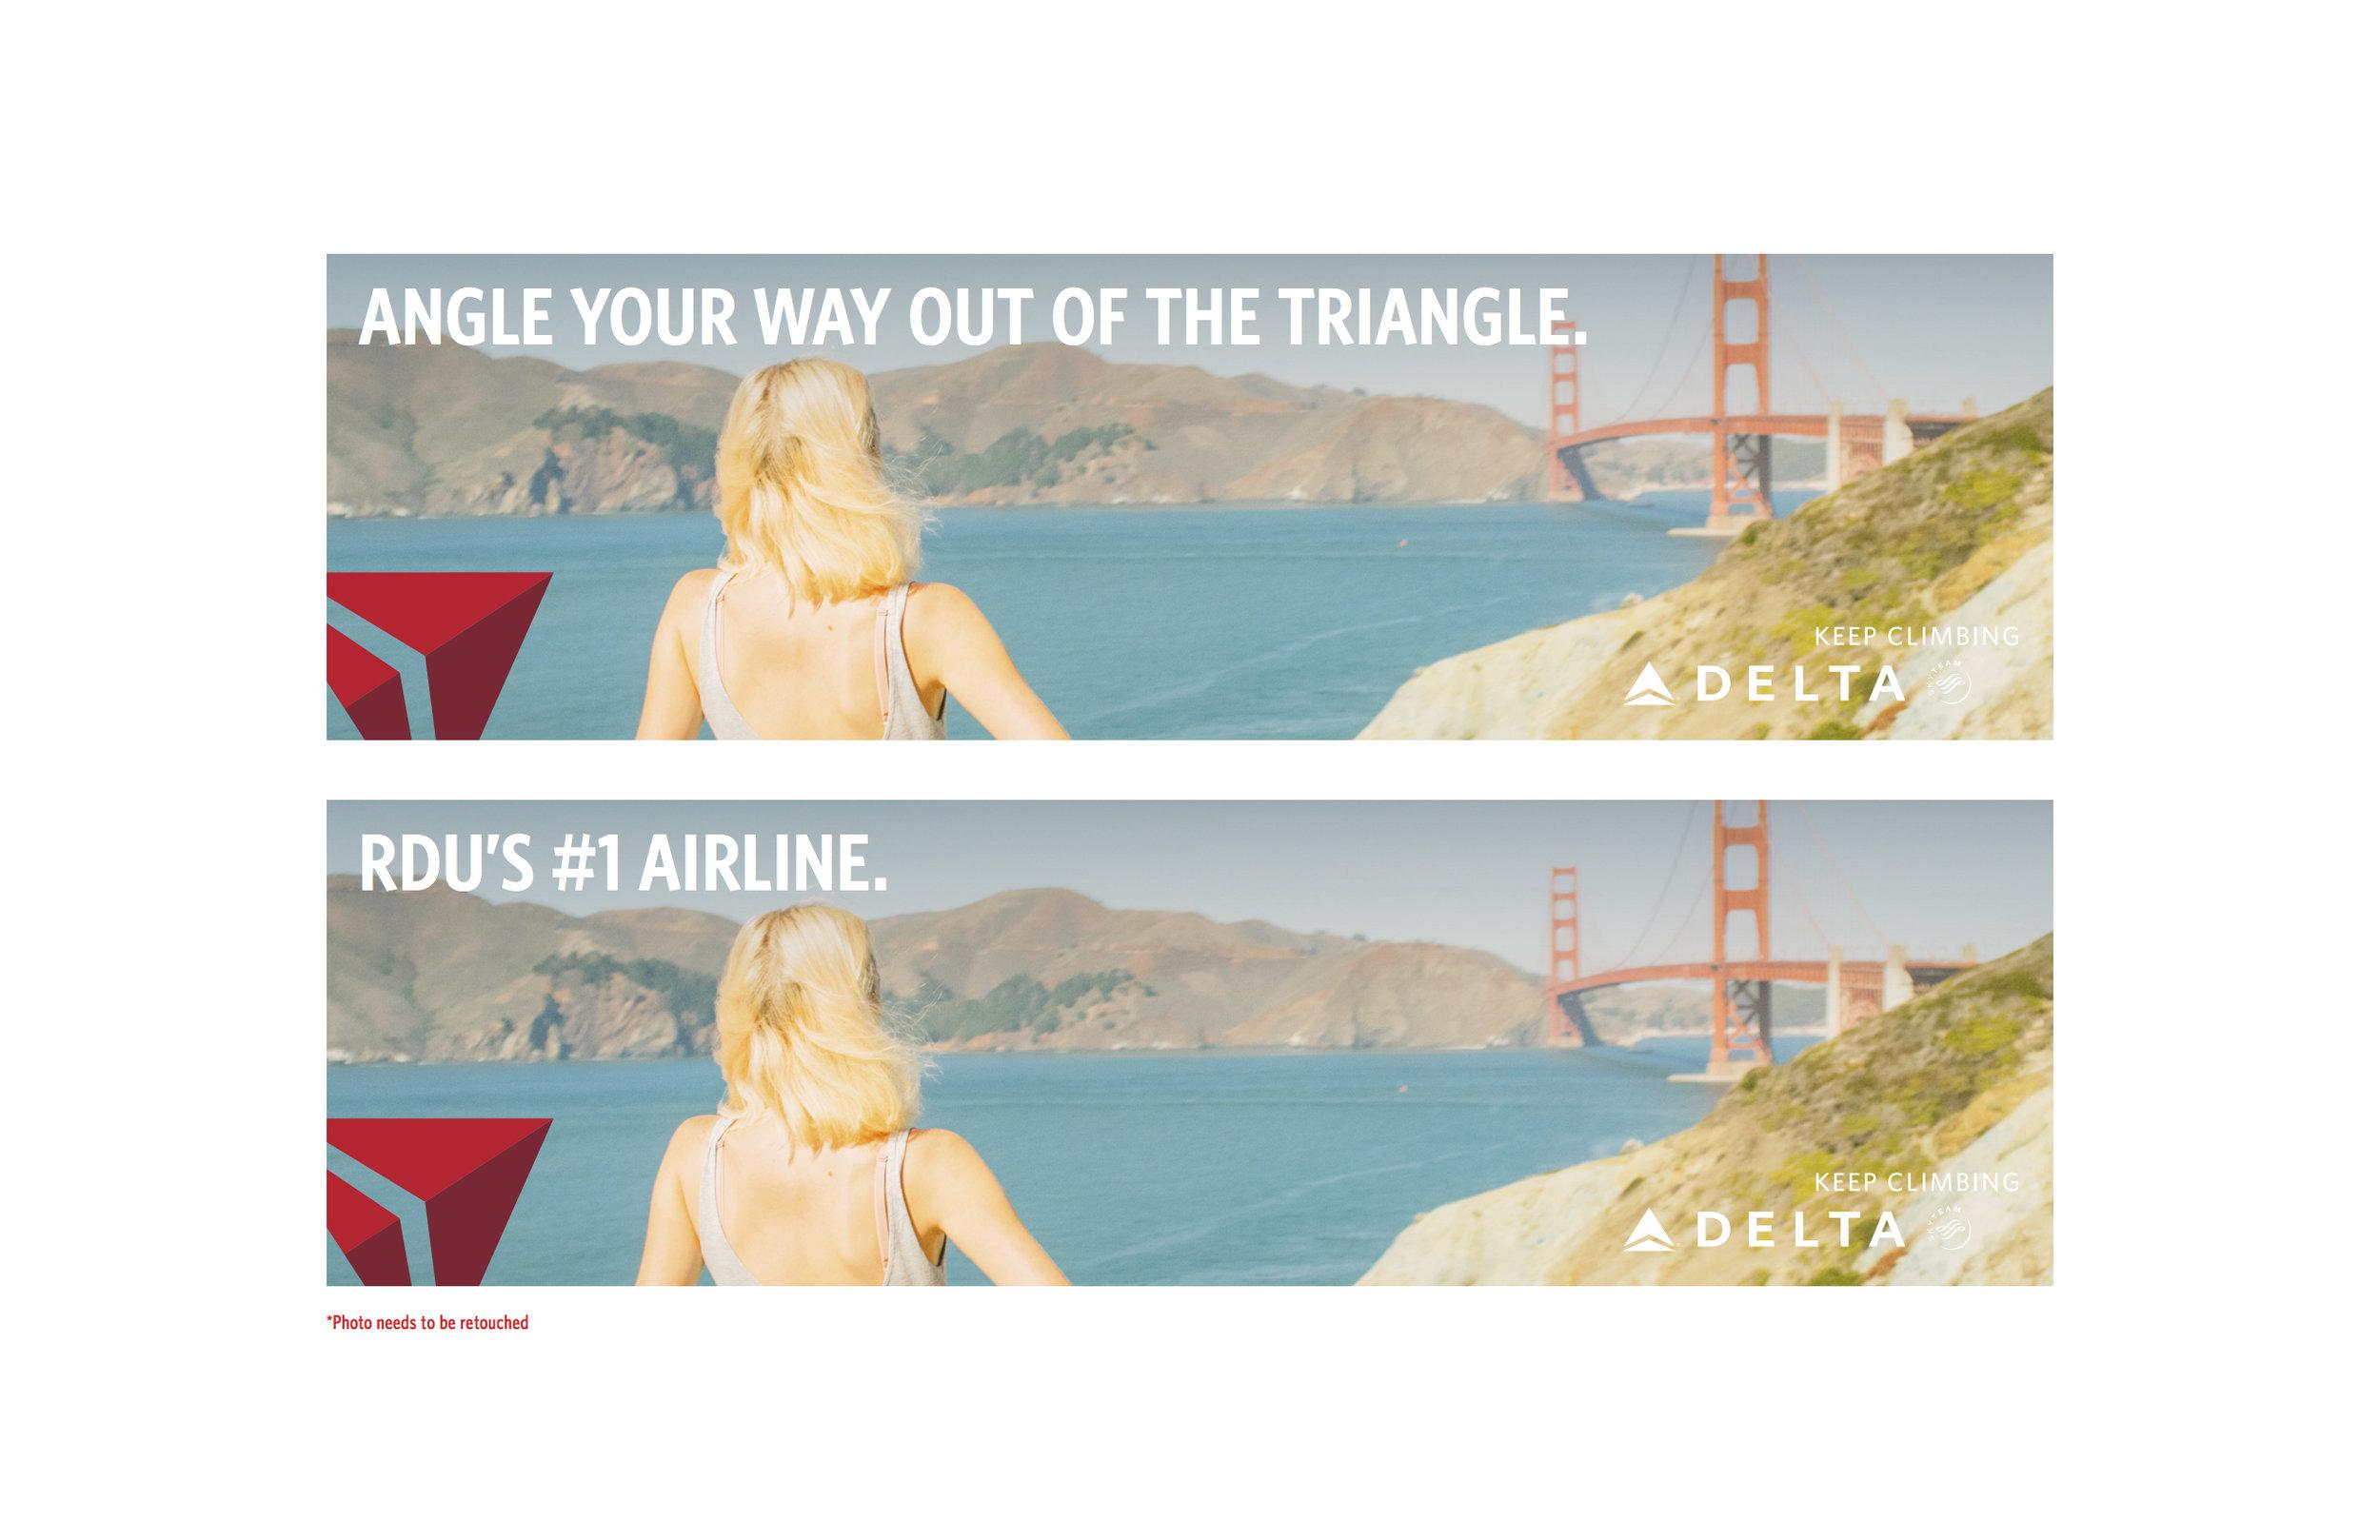 Angle your way both flips.jpg